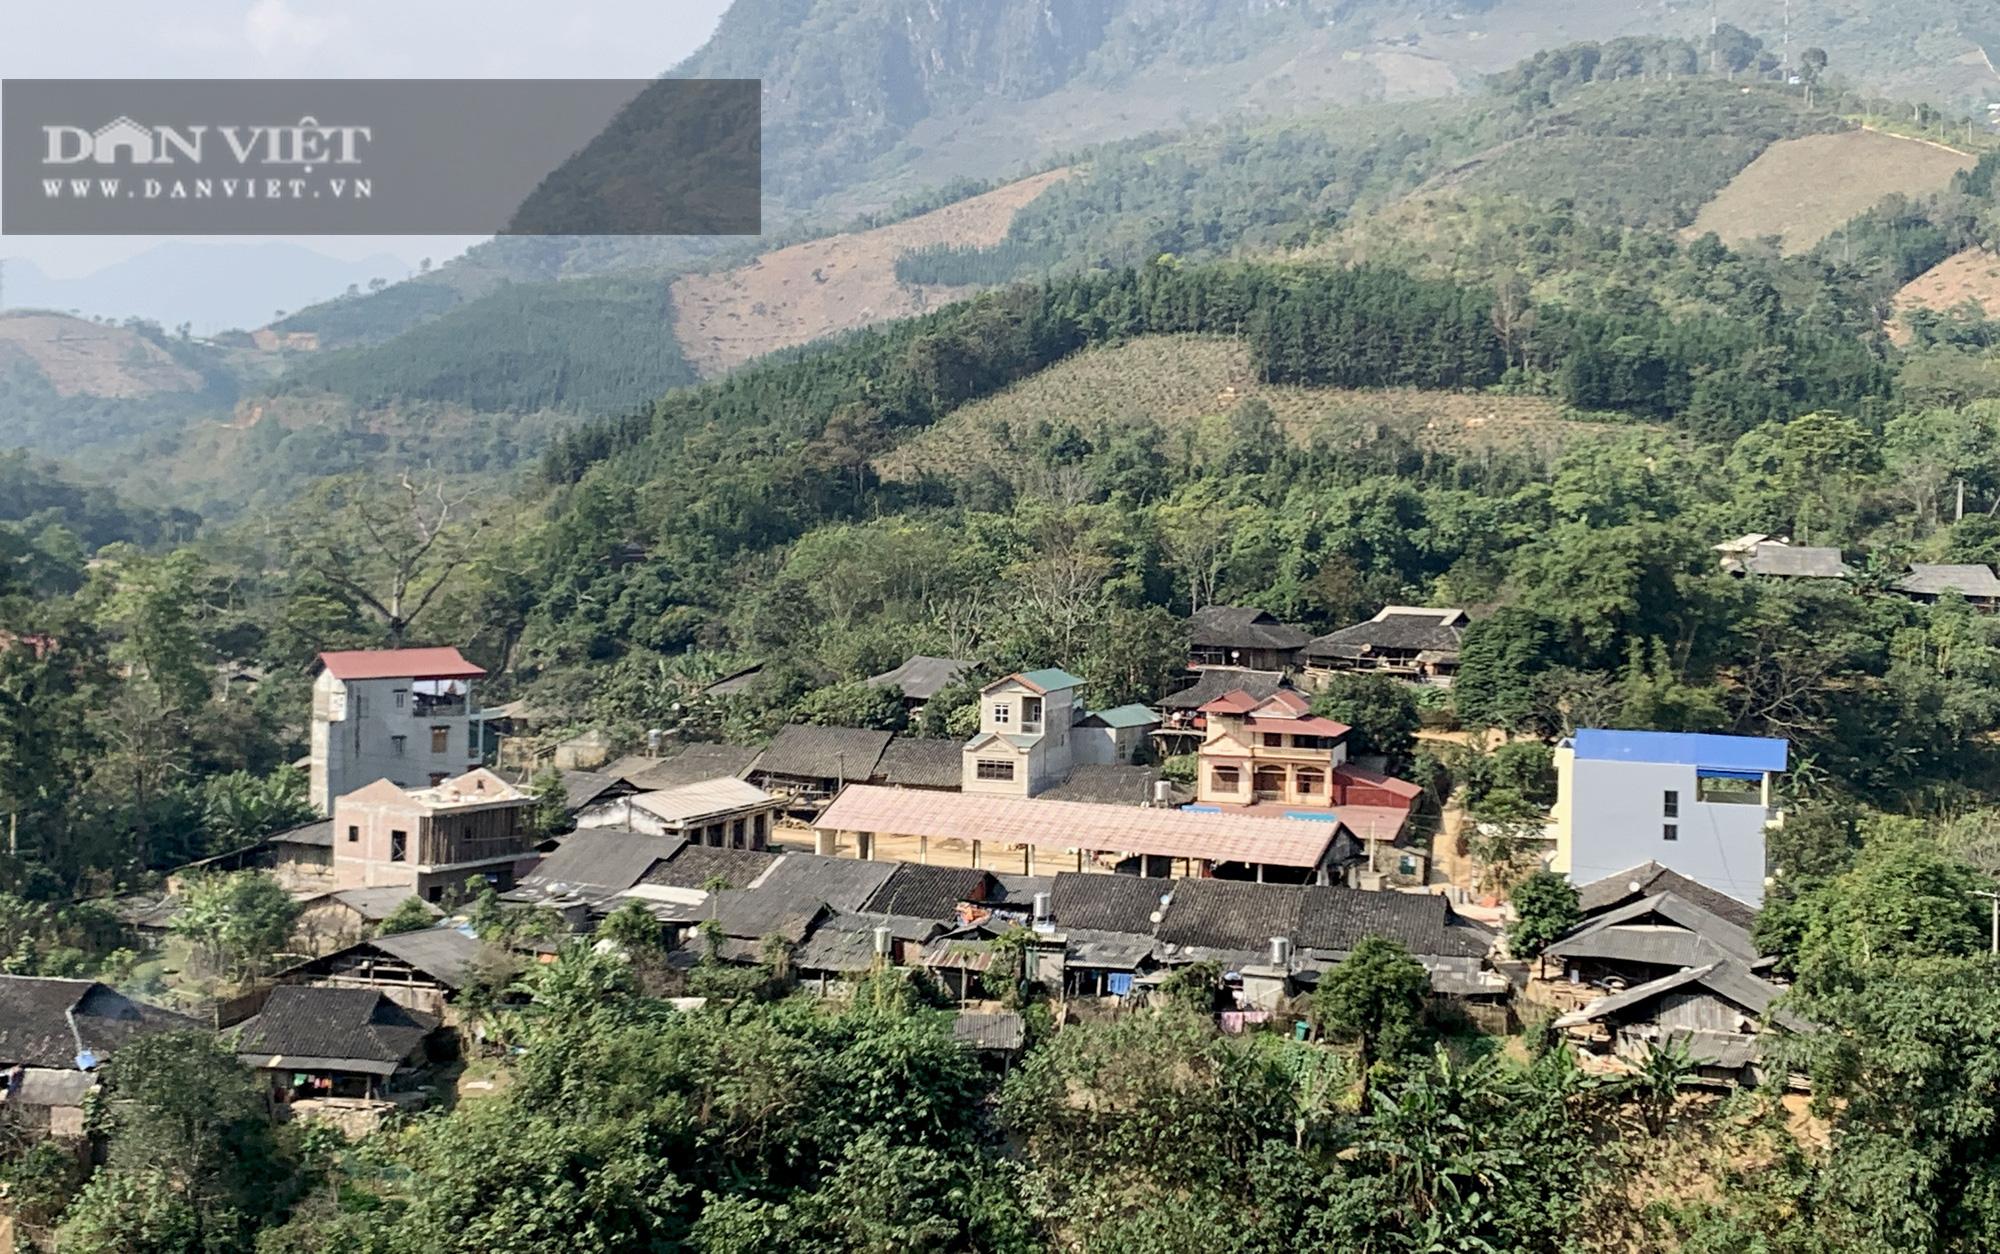 Không có người mua, 119ha cây sa mộc ở xã vùng biên Cốc Pàng có nguy cơ thành củi - Ảnh 1.